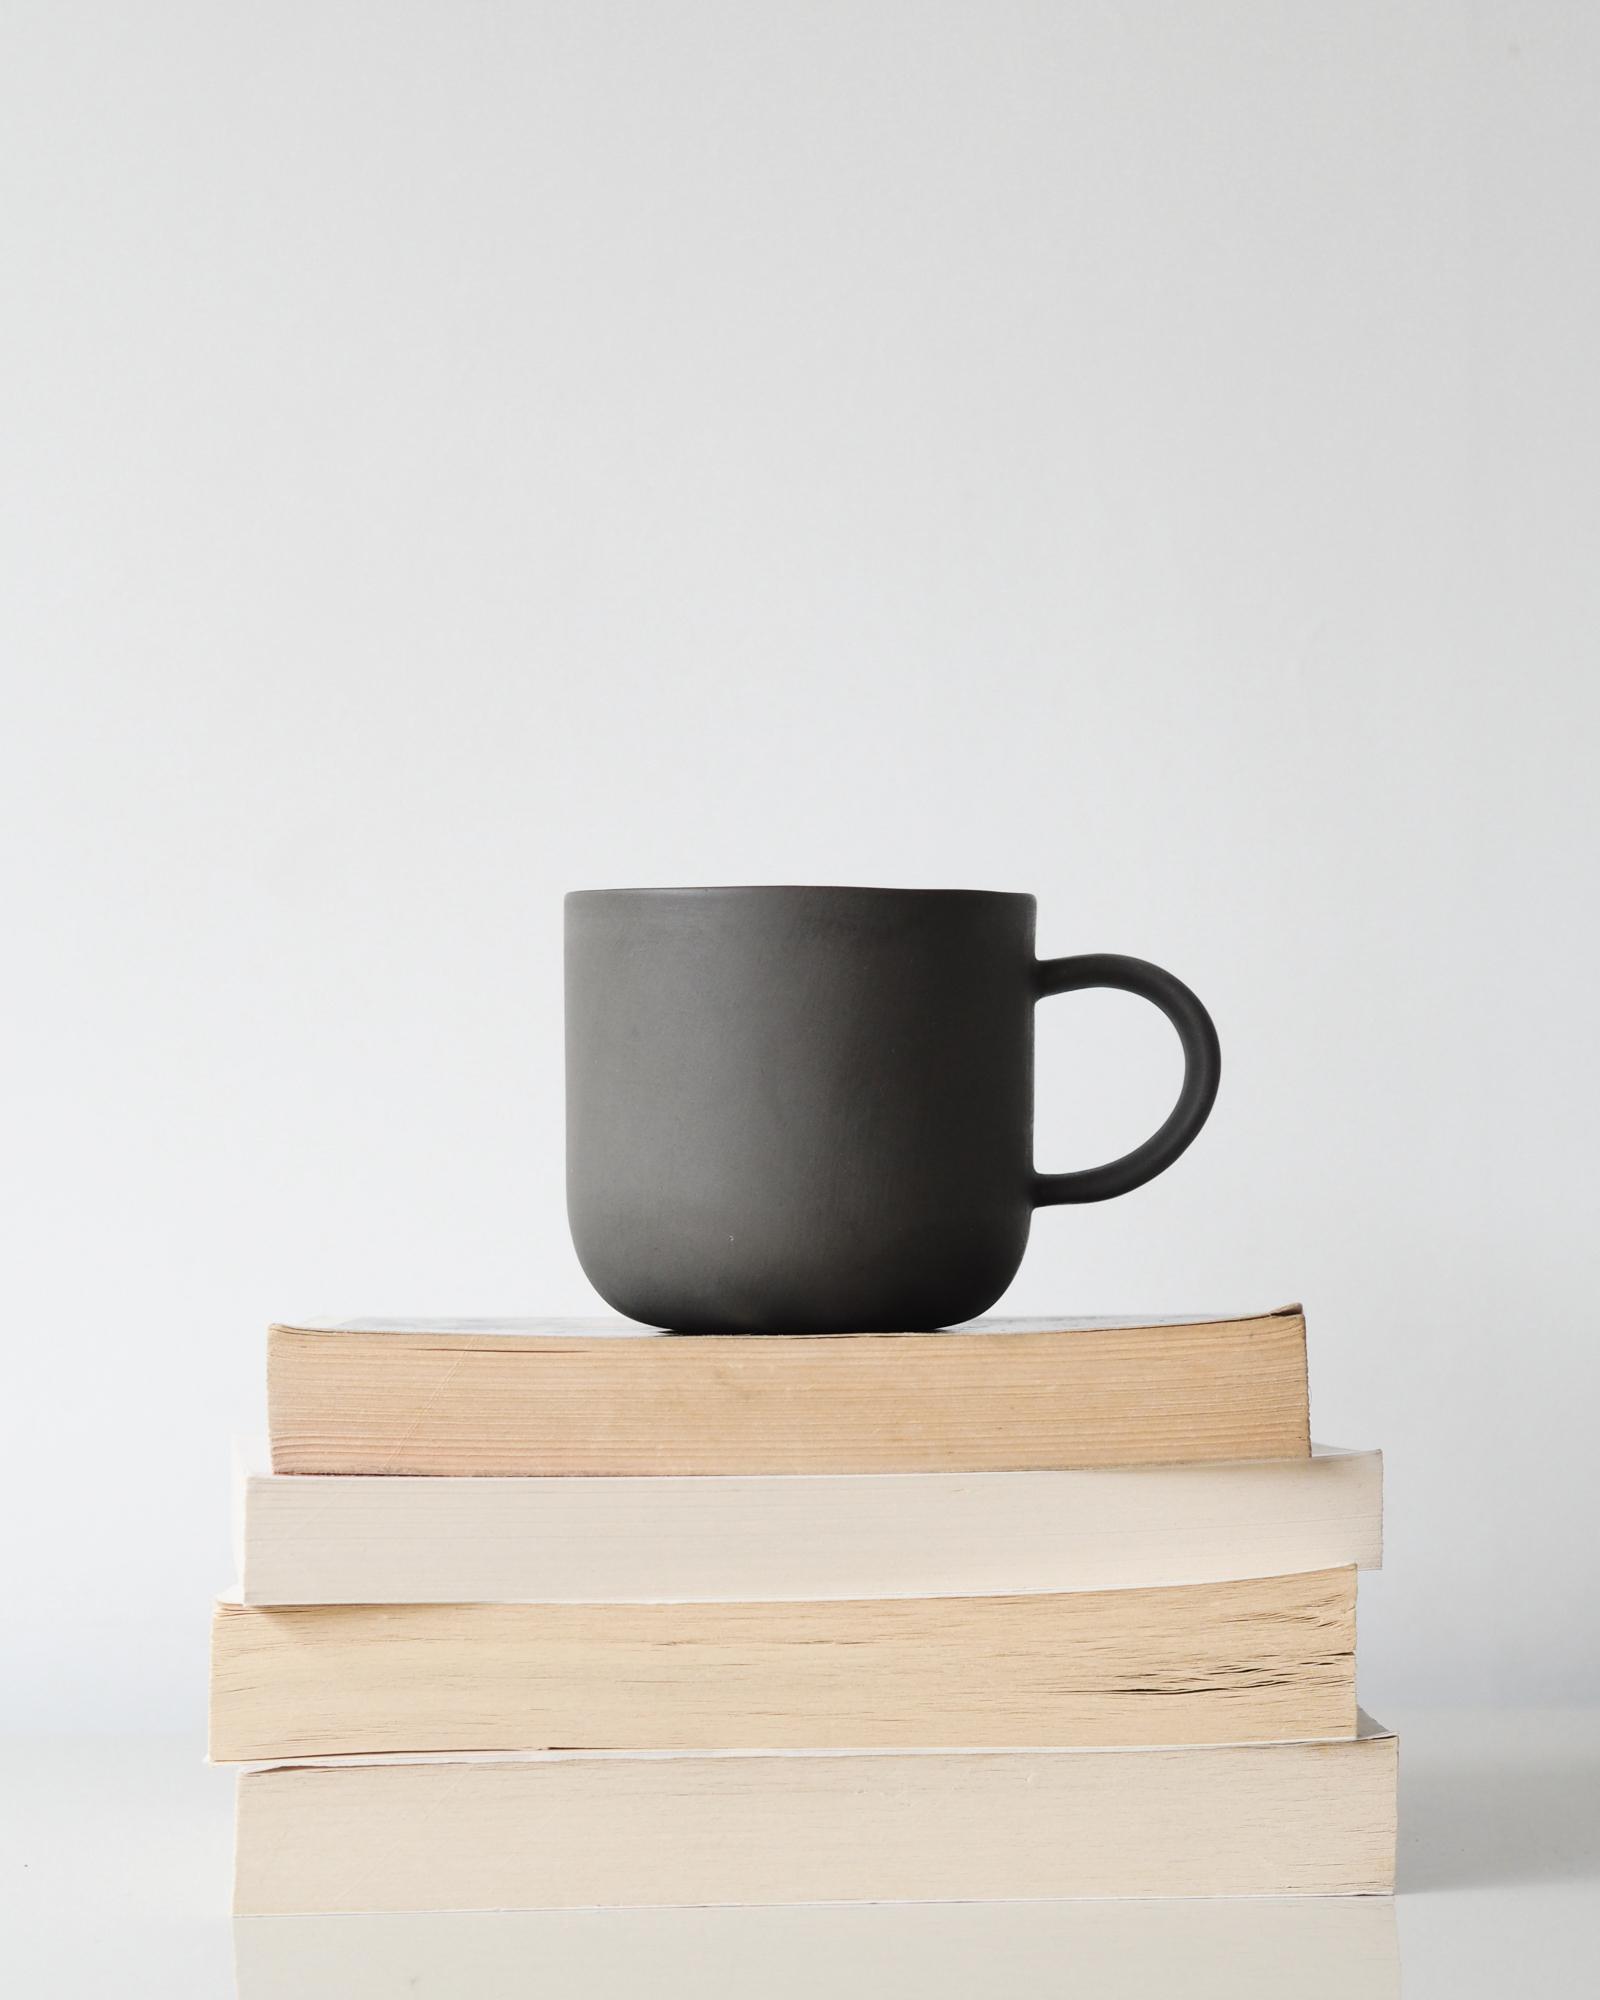 Books and grey mug